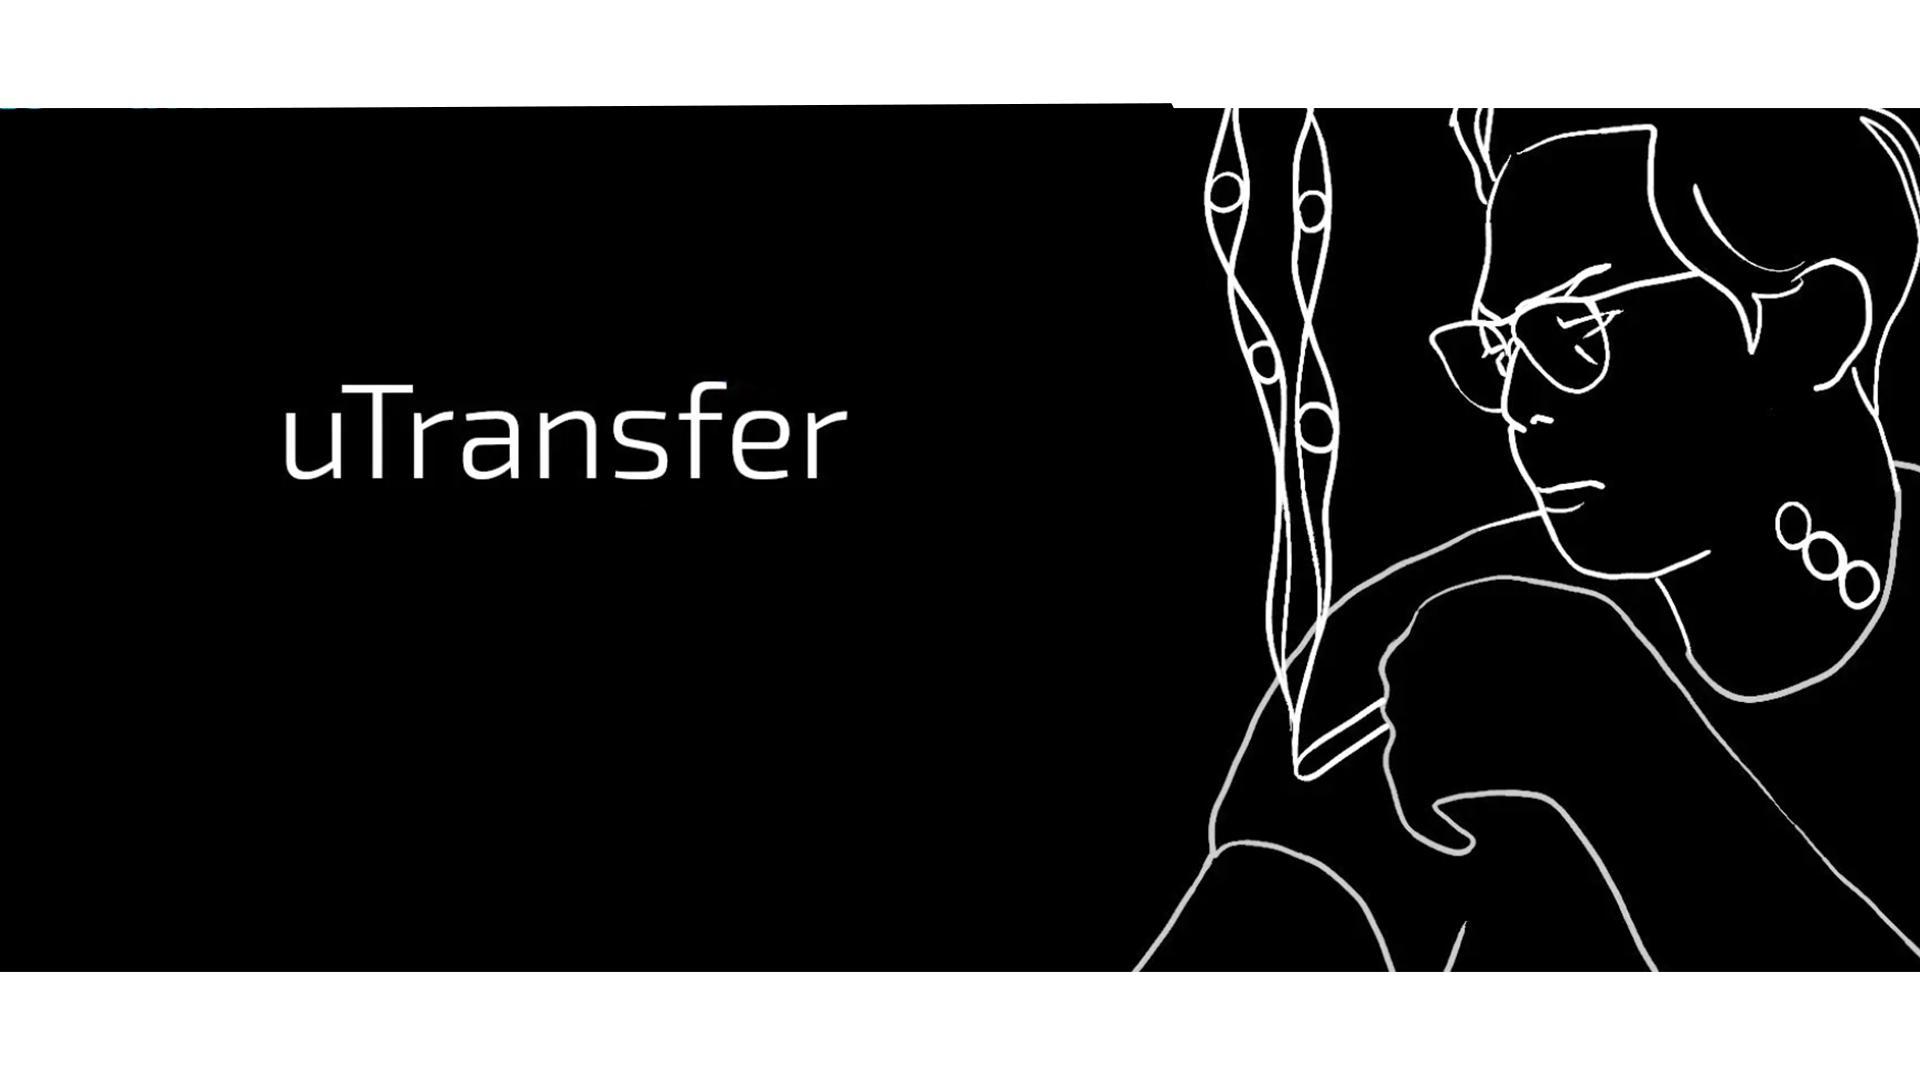 uTransfer